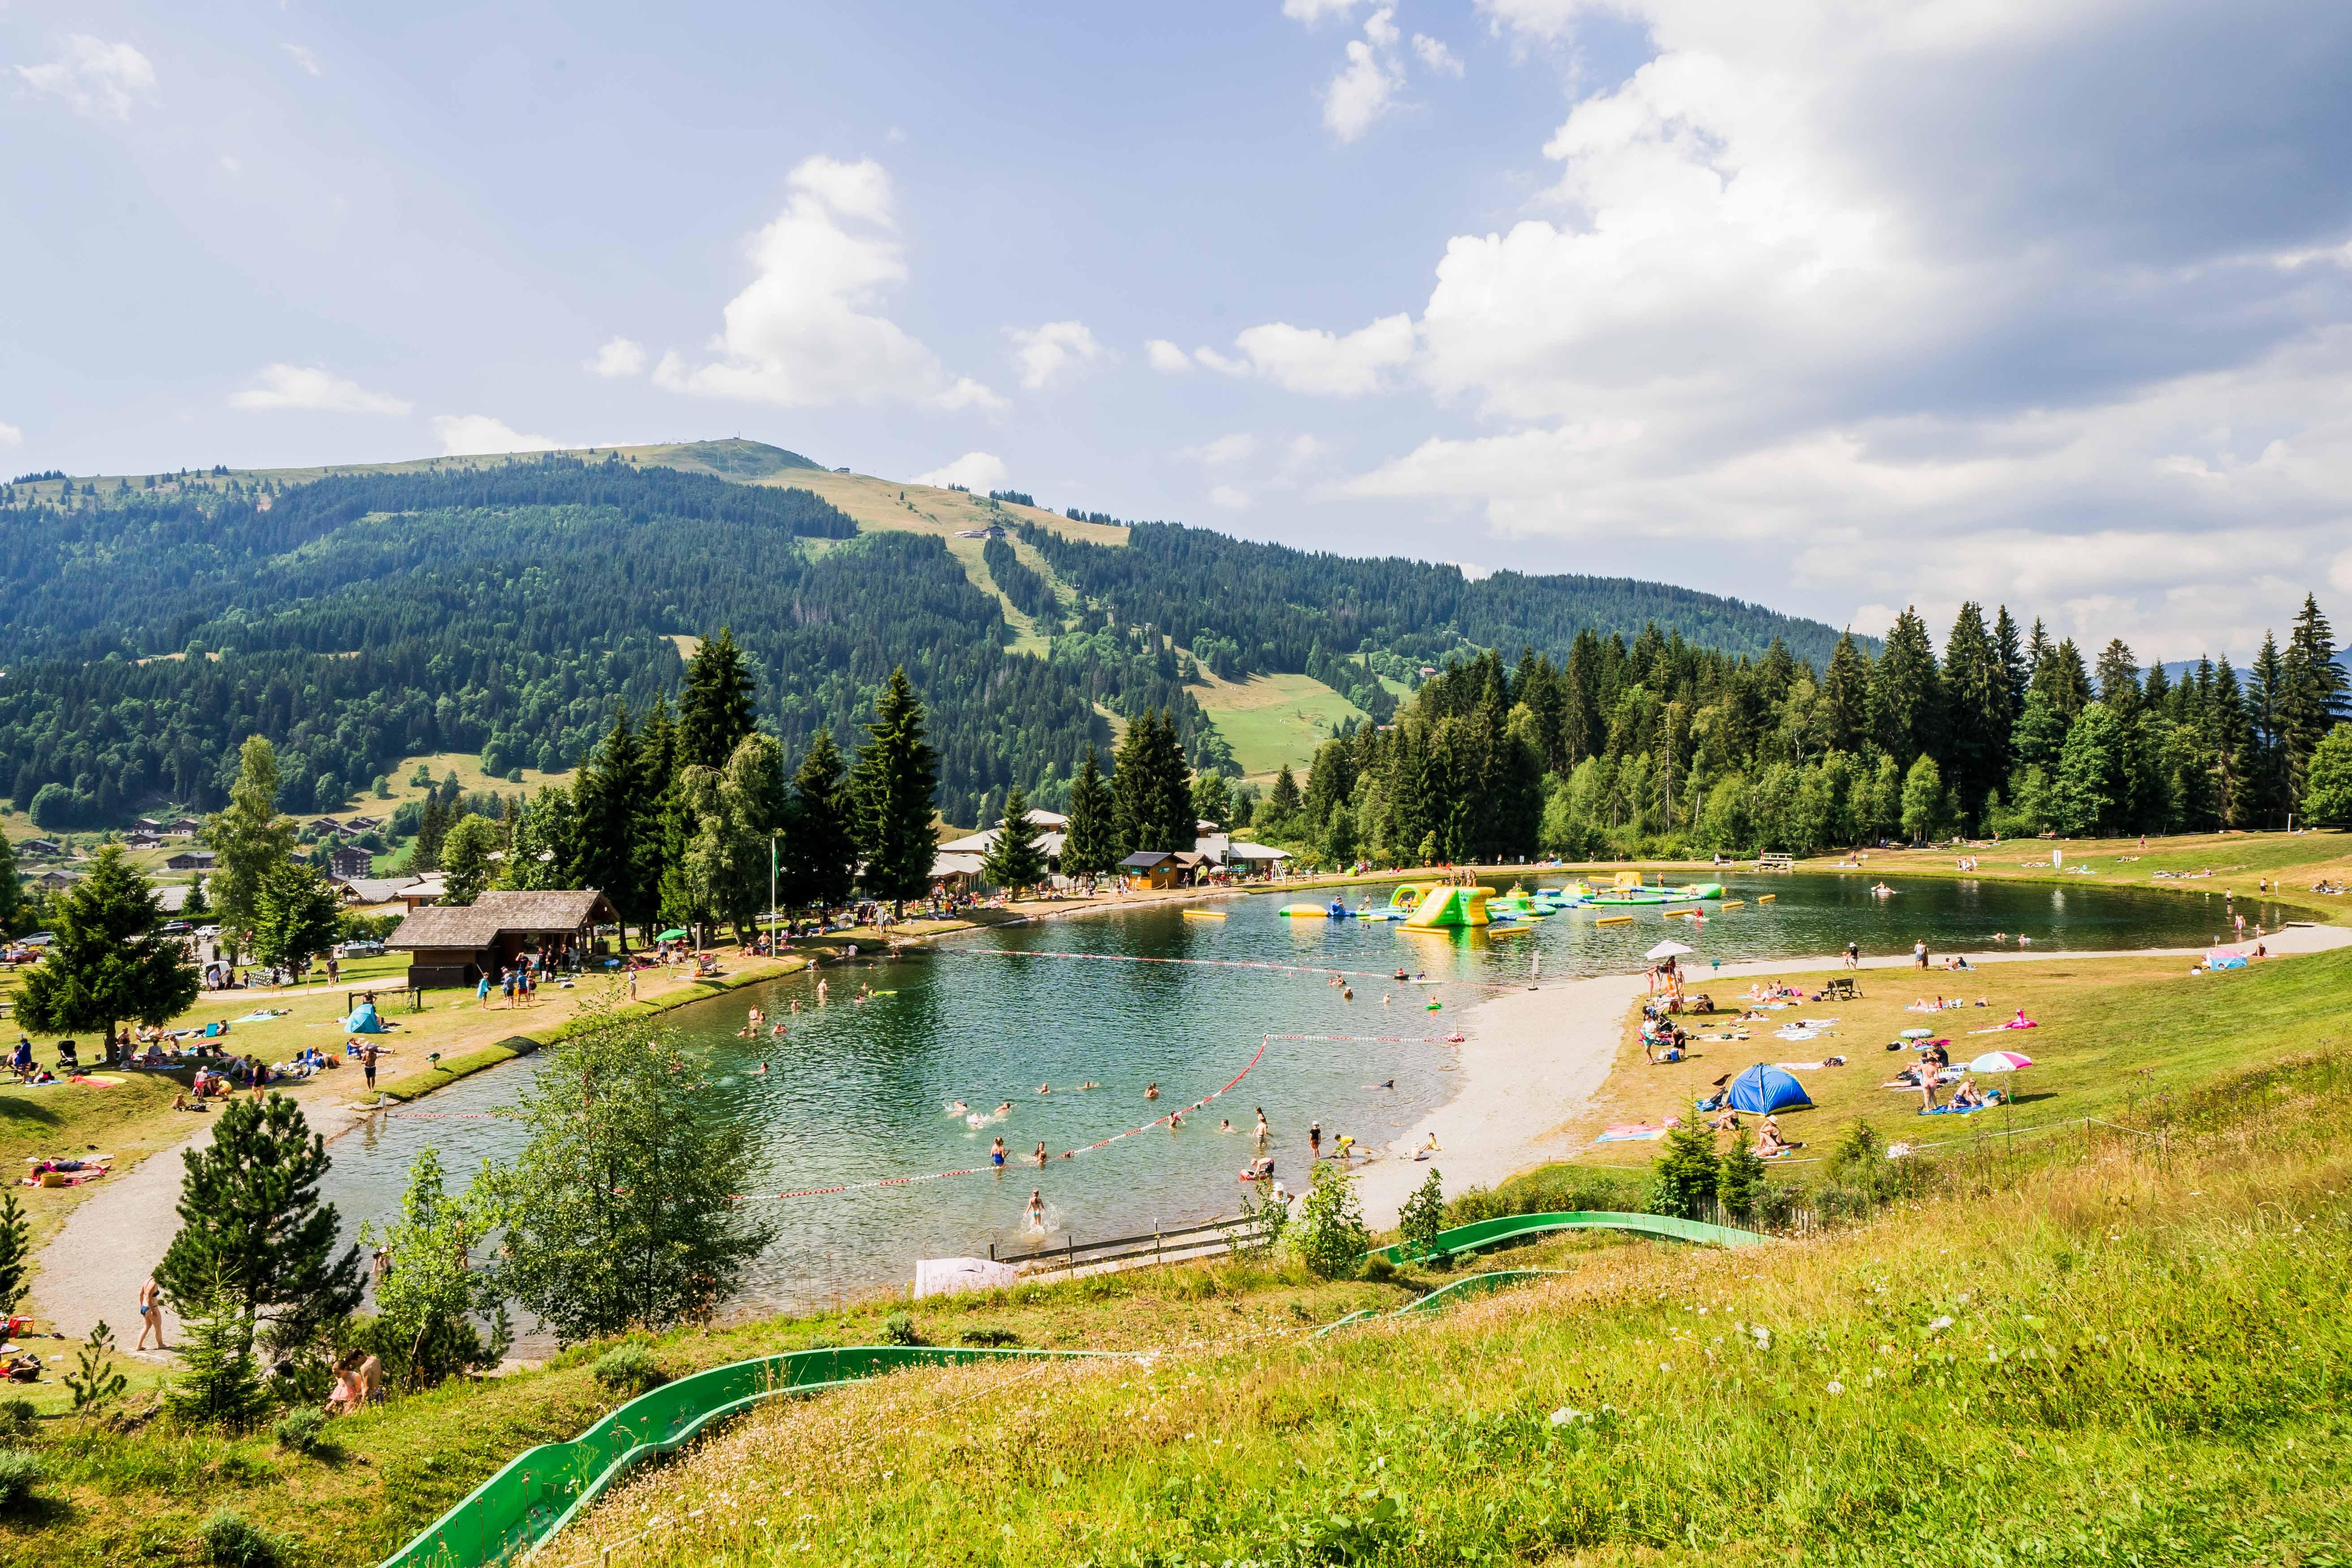 lac-des-ecoles-toboggan-wibit-8235-keno-photographie-ot-les-gets-3043270